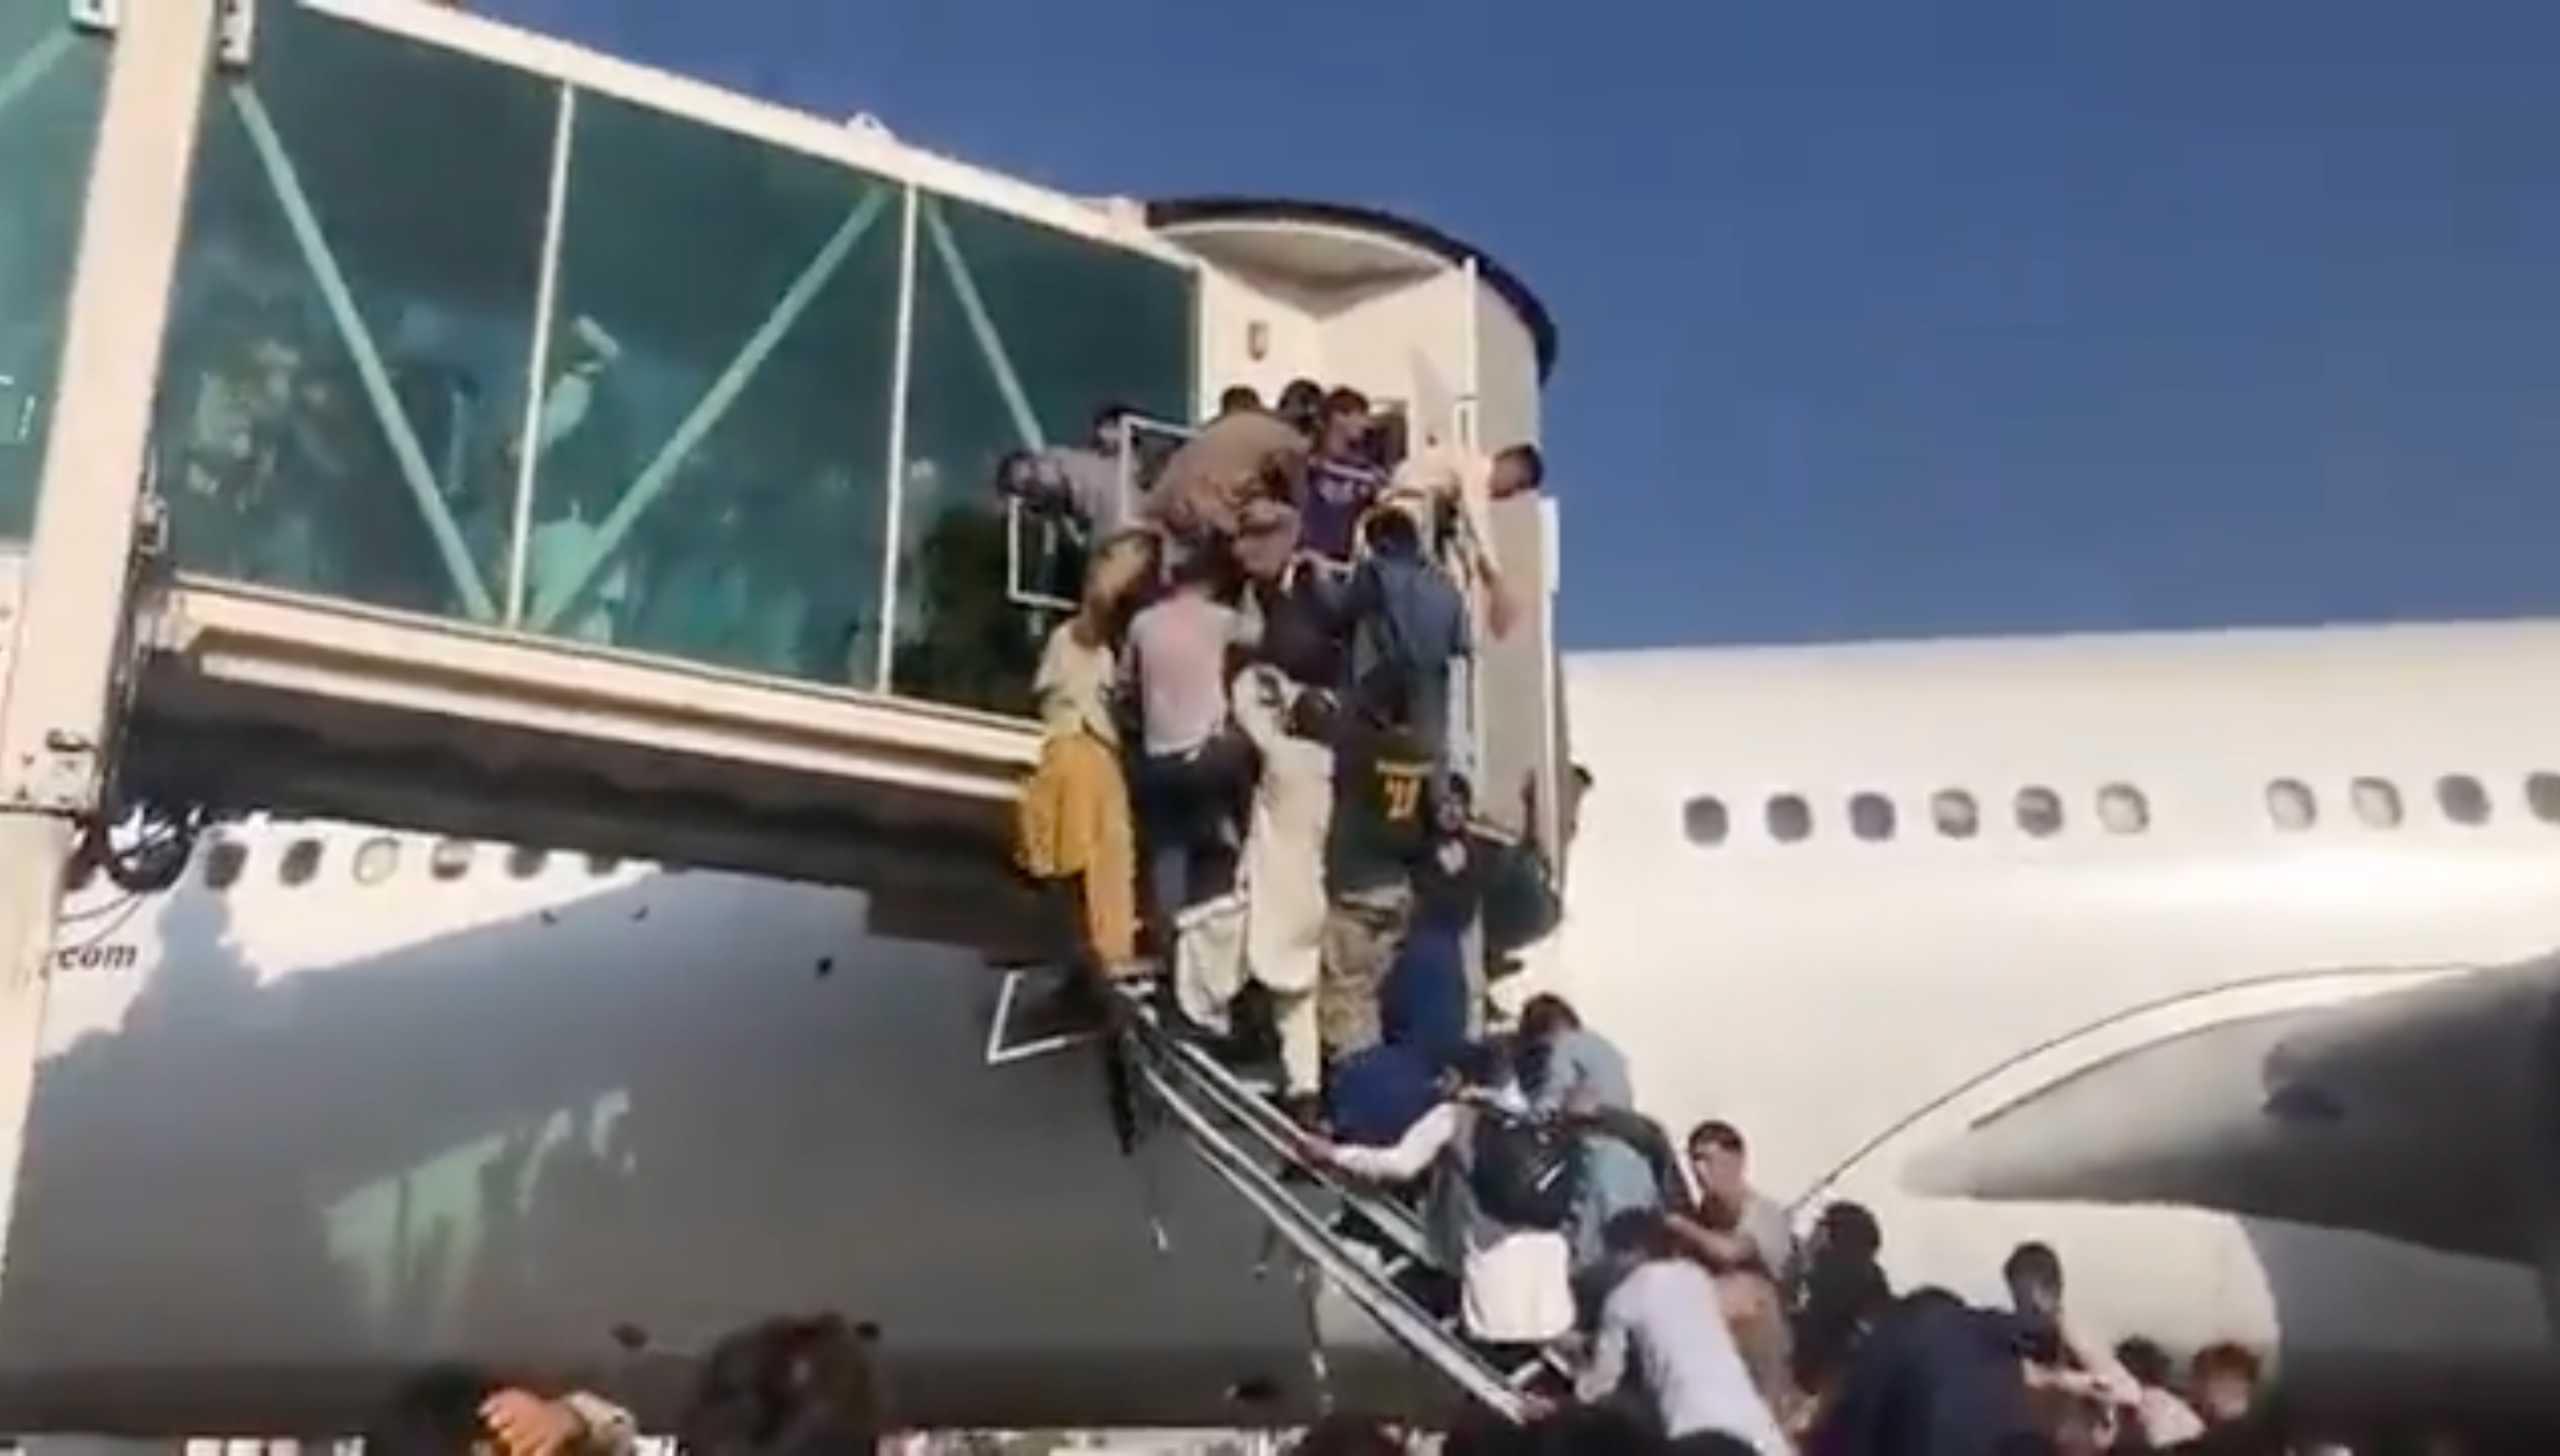 Αφγανιστάν: Εικόνες απόγνωσης στο αεροδρόμιο της Καμπούλ – Ποδοπατήθηκαν για να φύγουν – Πυροβολισμοί στον αέρα